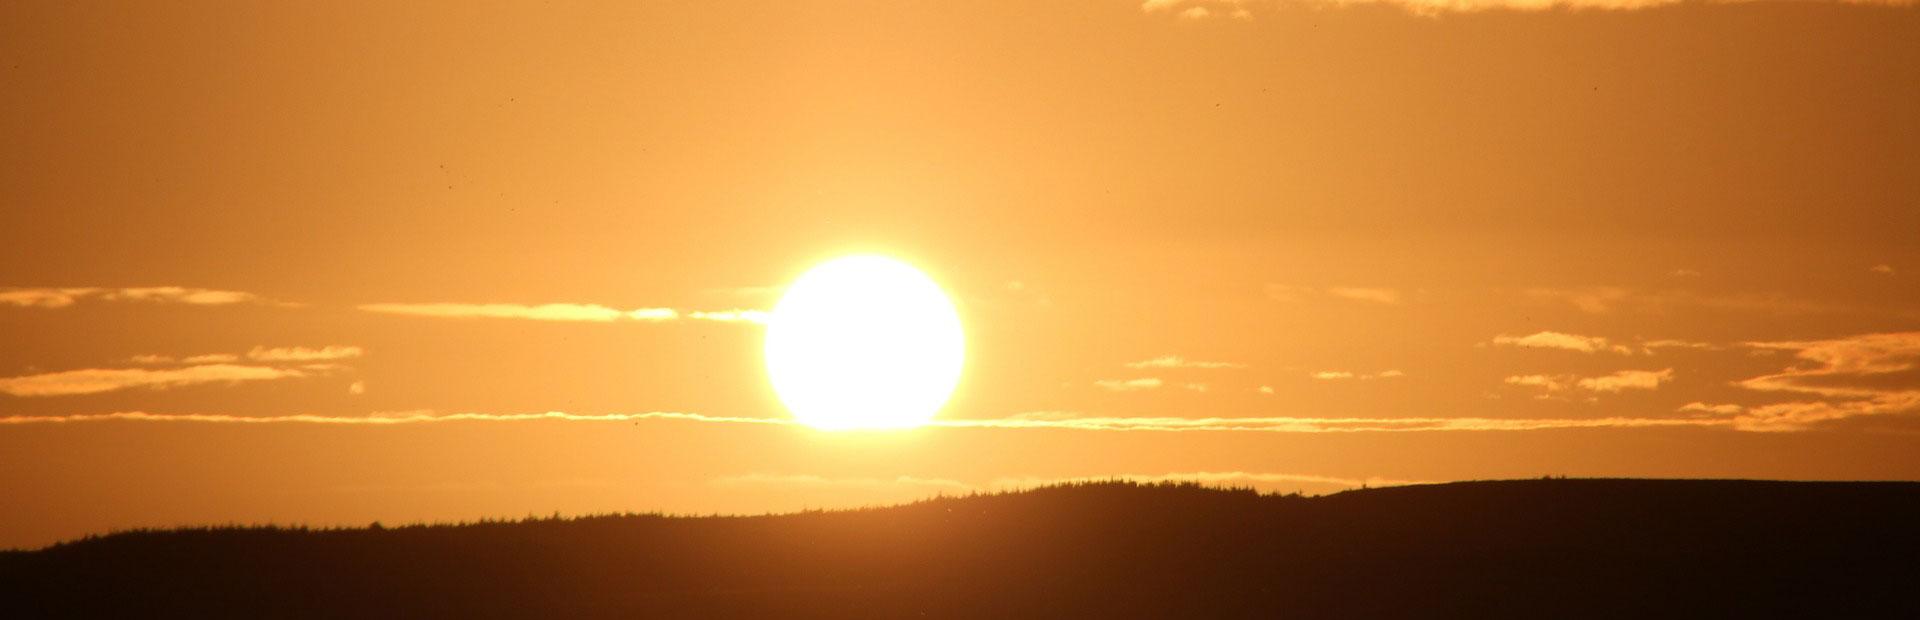 & Sunrise Sunset / Moonrise Moonset